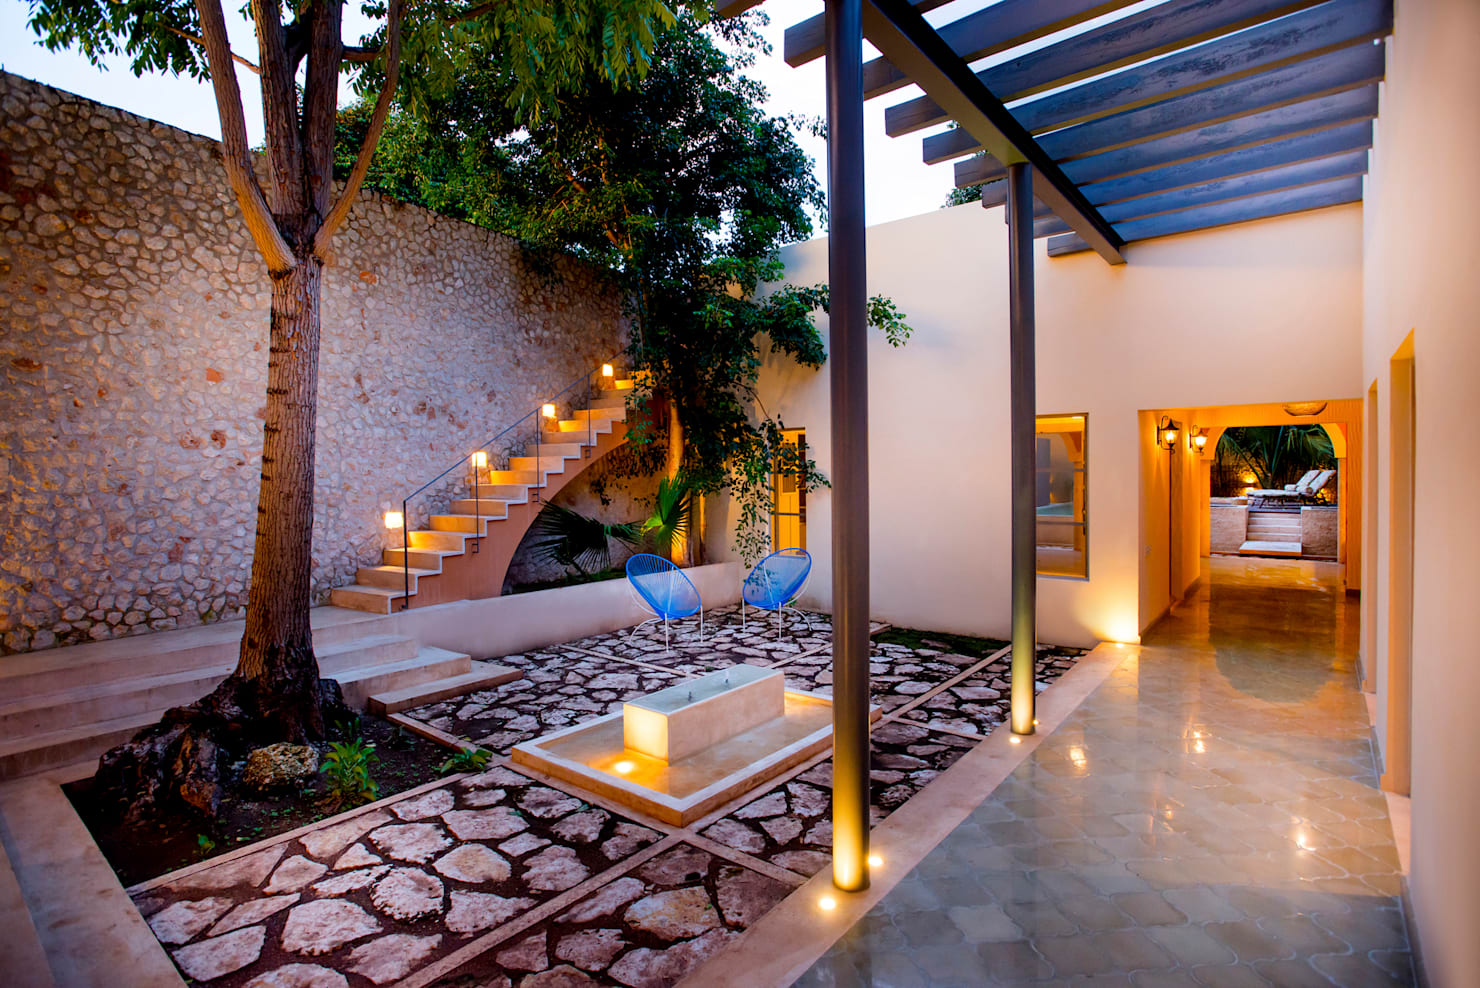 옥상을 멋진 야외 테라스로 꾸미는 아이디어 10